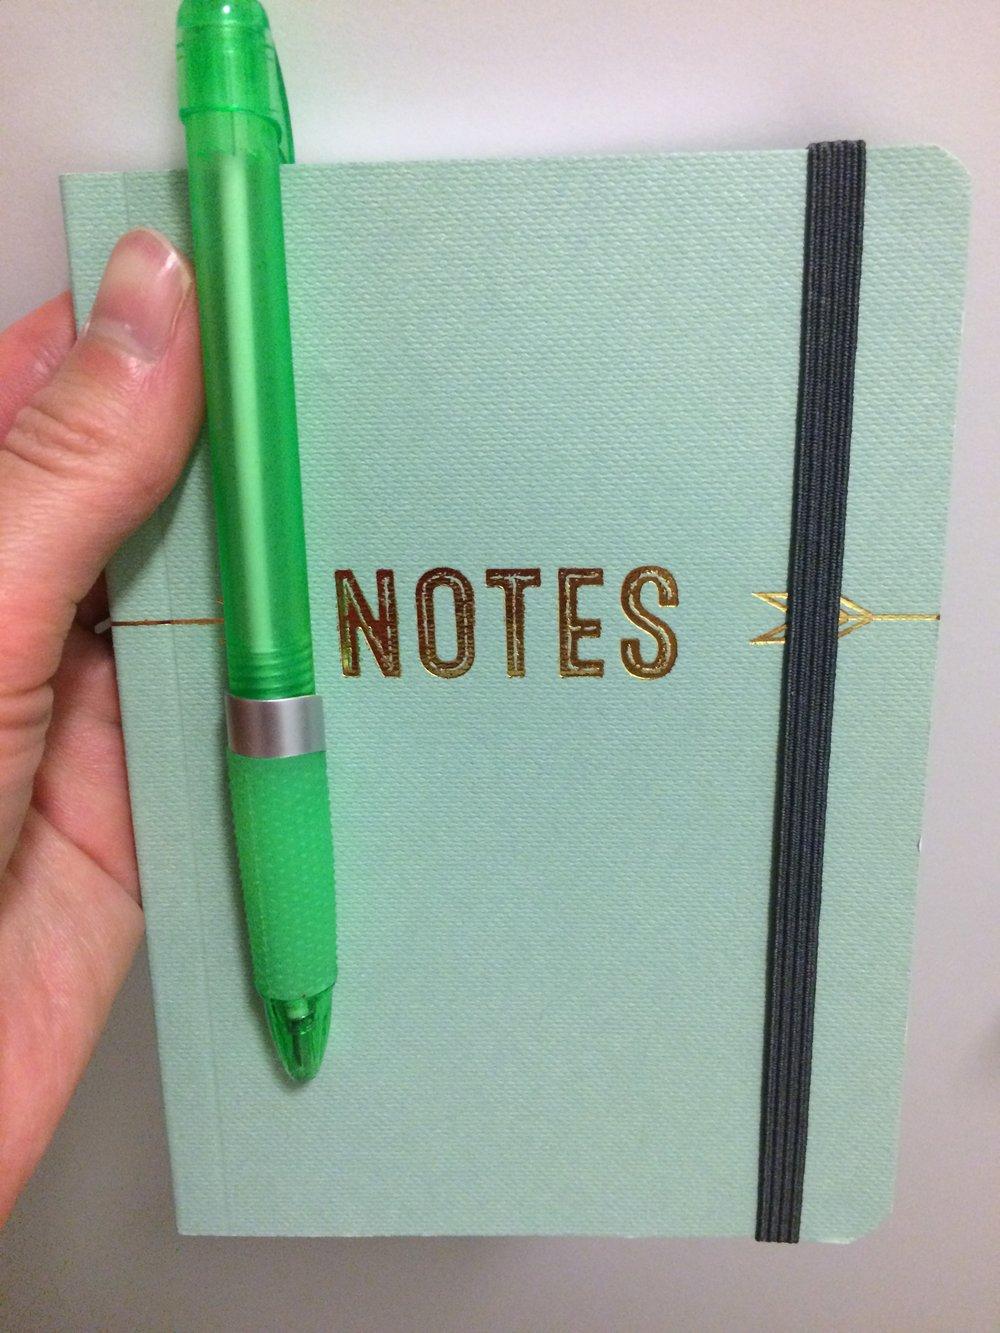 Tuomas ehdotti, että pitäisin pientä muistikirjaa aina idiksistä, etteivät ne pääse unohtumaan matkan varrella, joten ostin vihkon sitä varten.